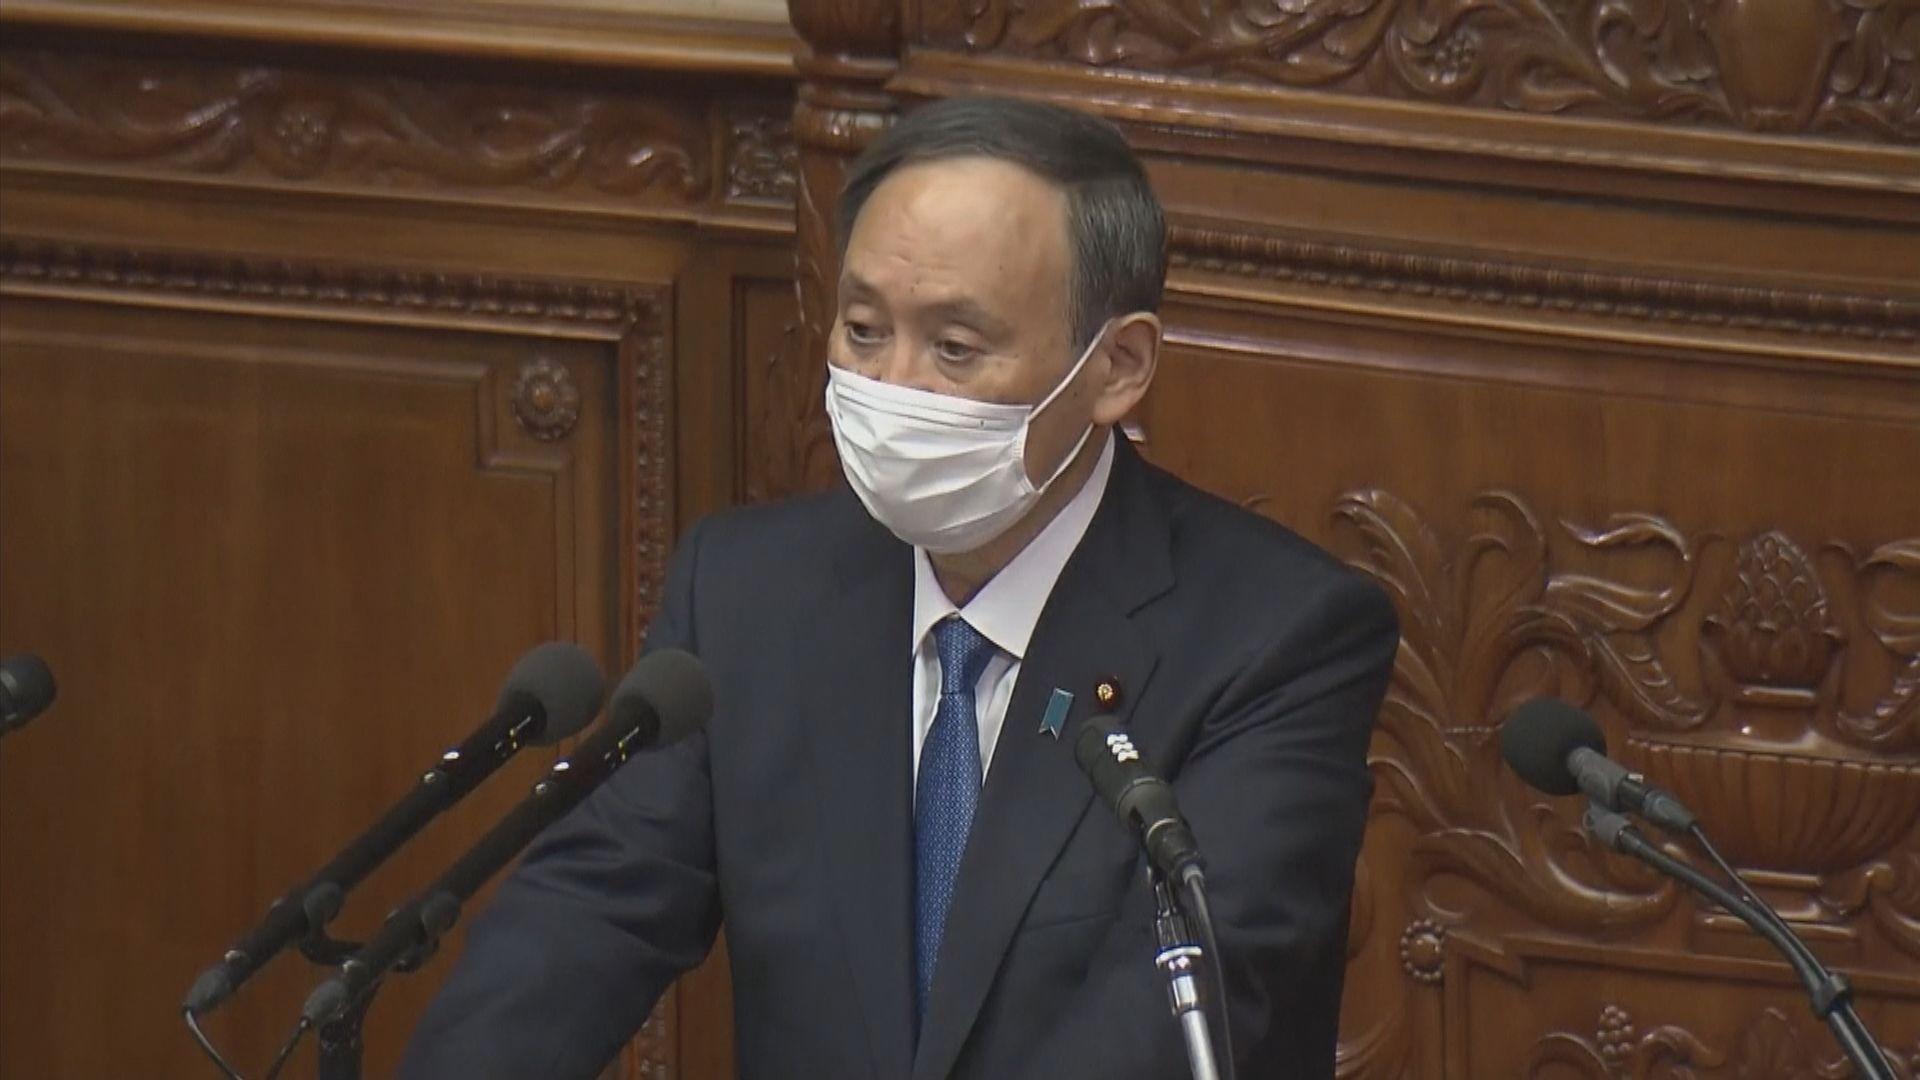 菅義偉稱會站在最前線對抗疫情 重申東京奧運如期舉行